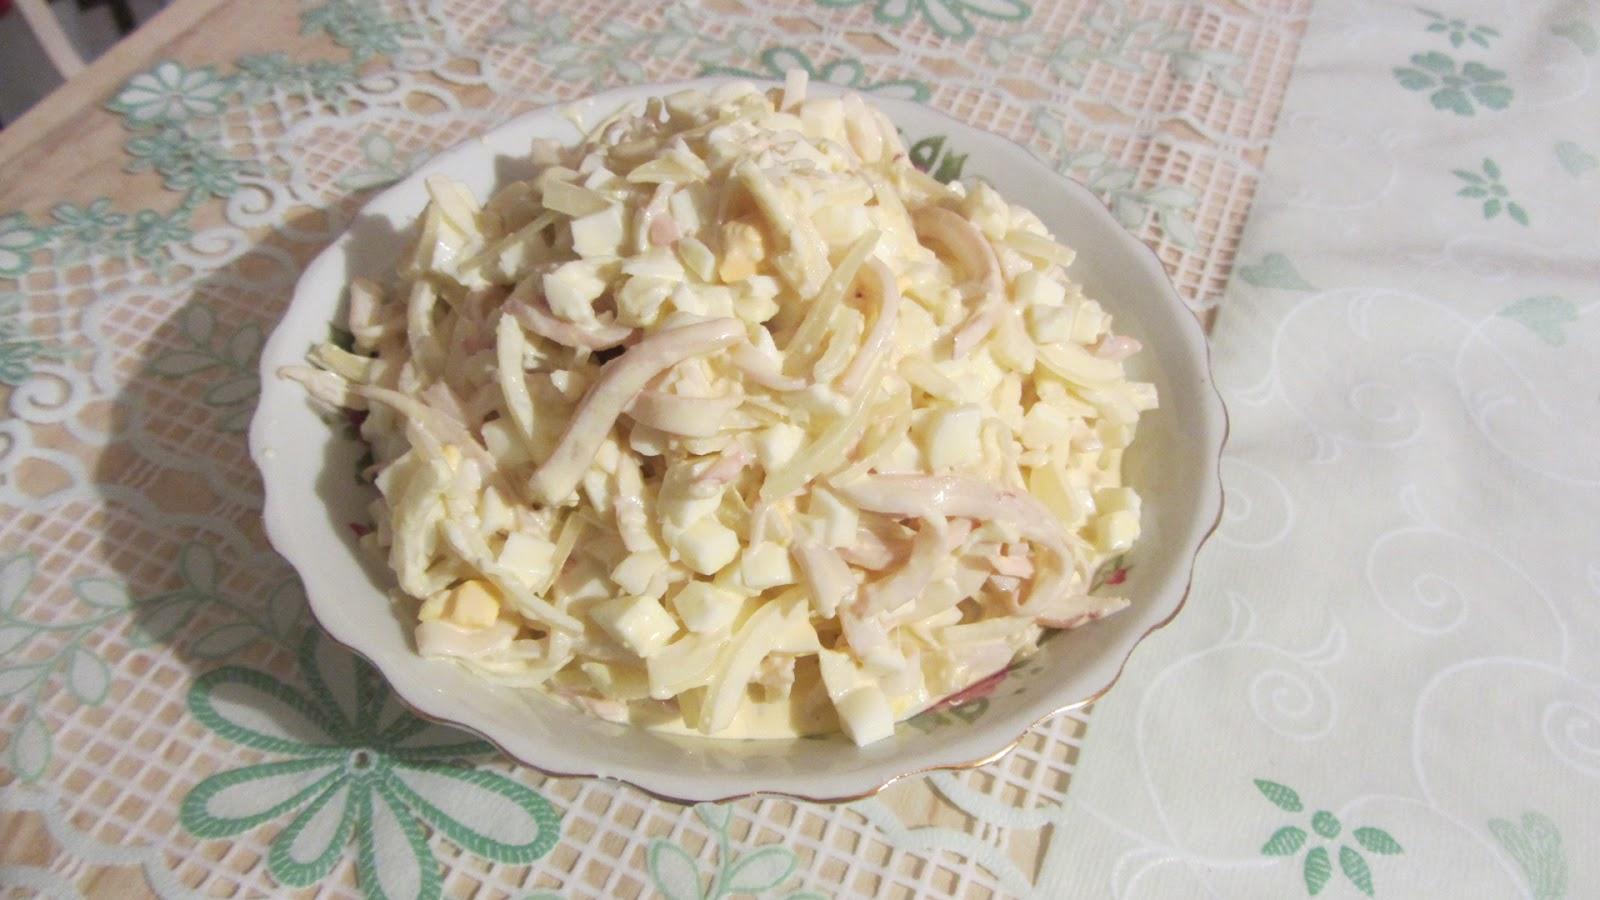 салат с кальмаром рецепт с фото классический яйца